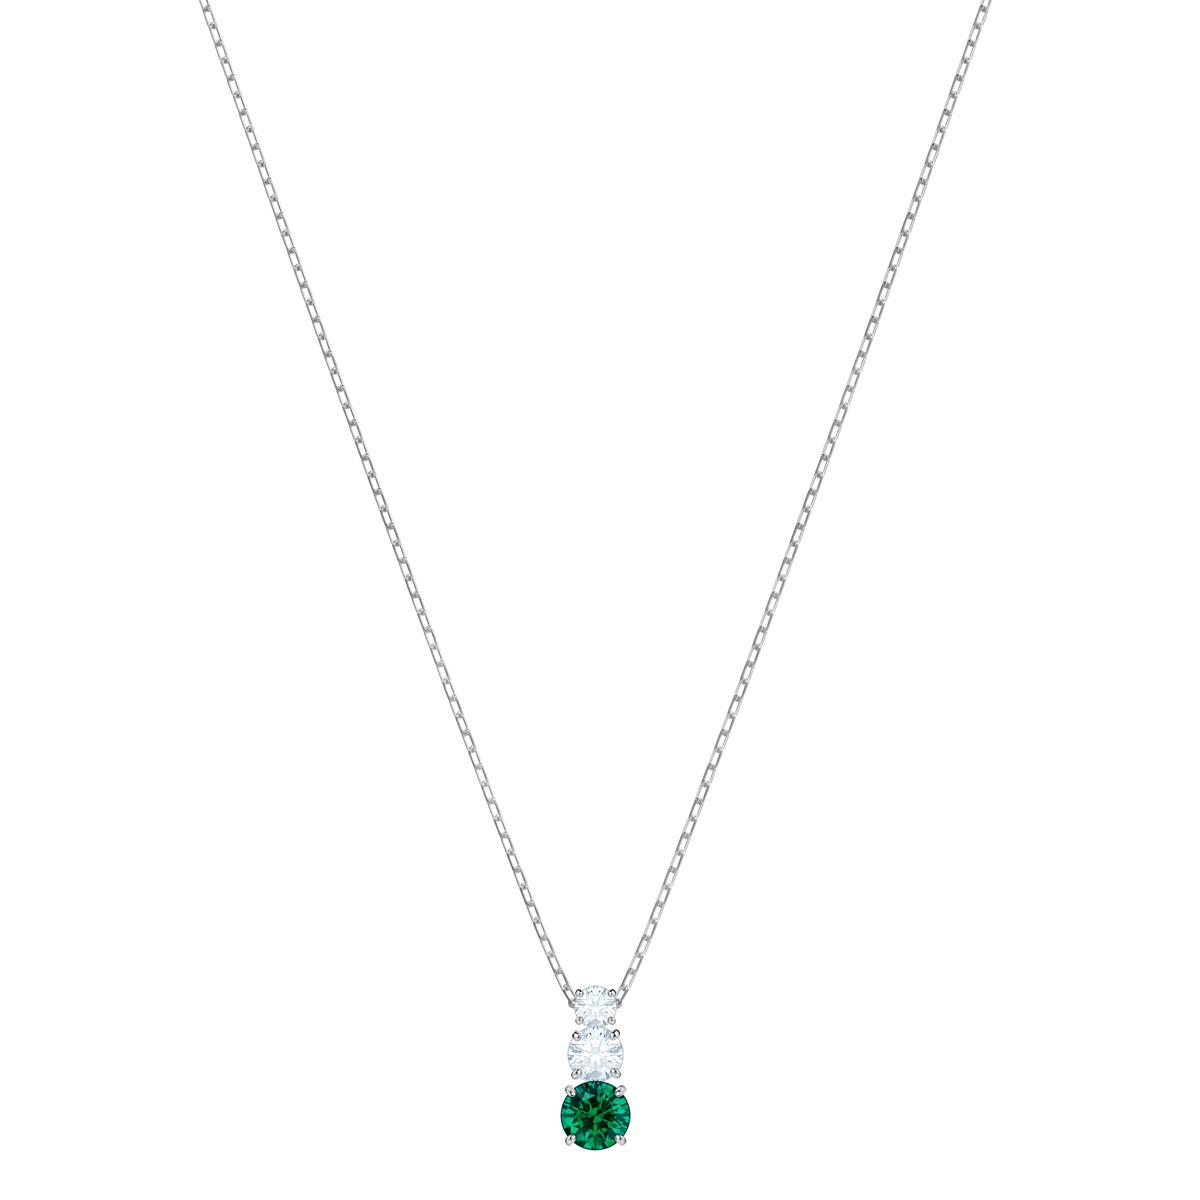 Swarovski Attract Trilogy Round Pendant, Green, Rhodium